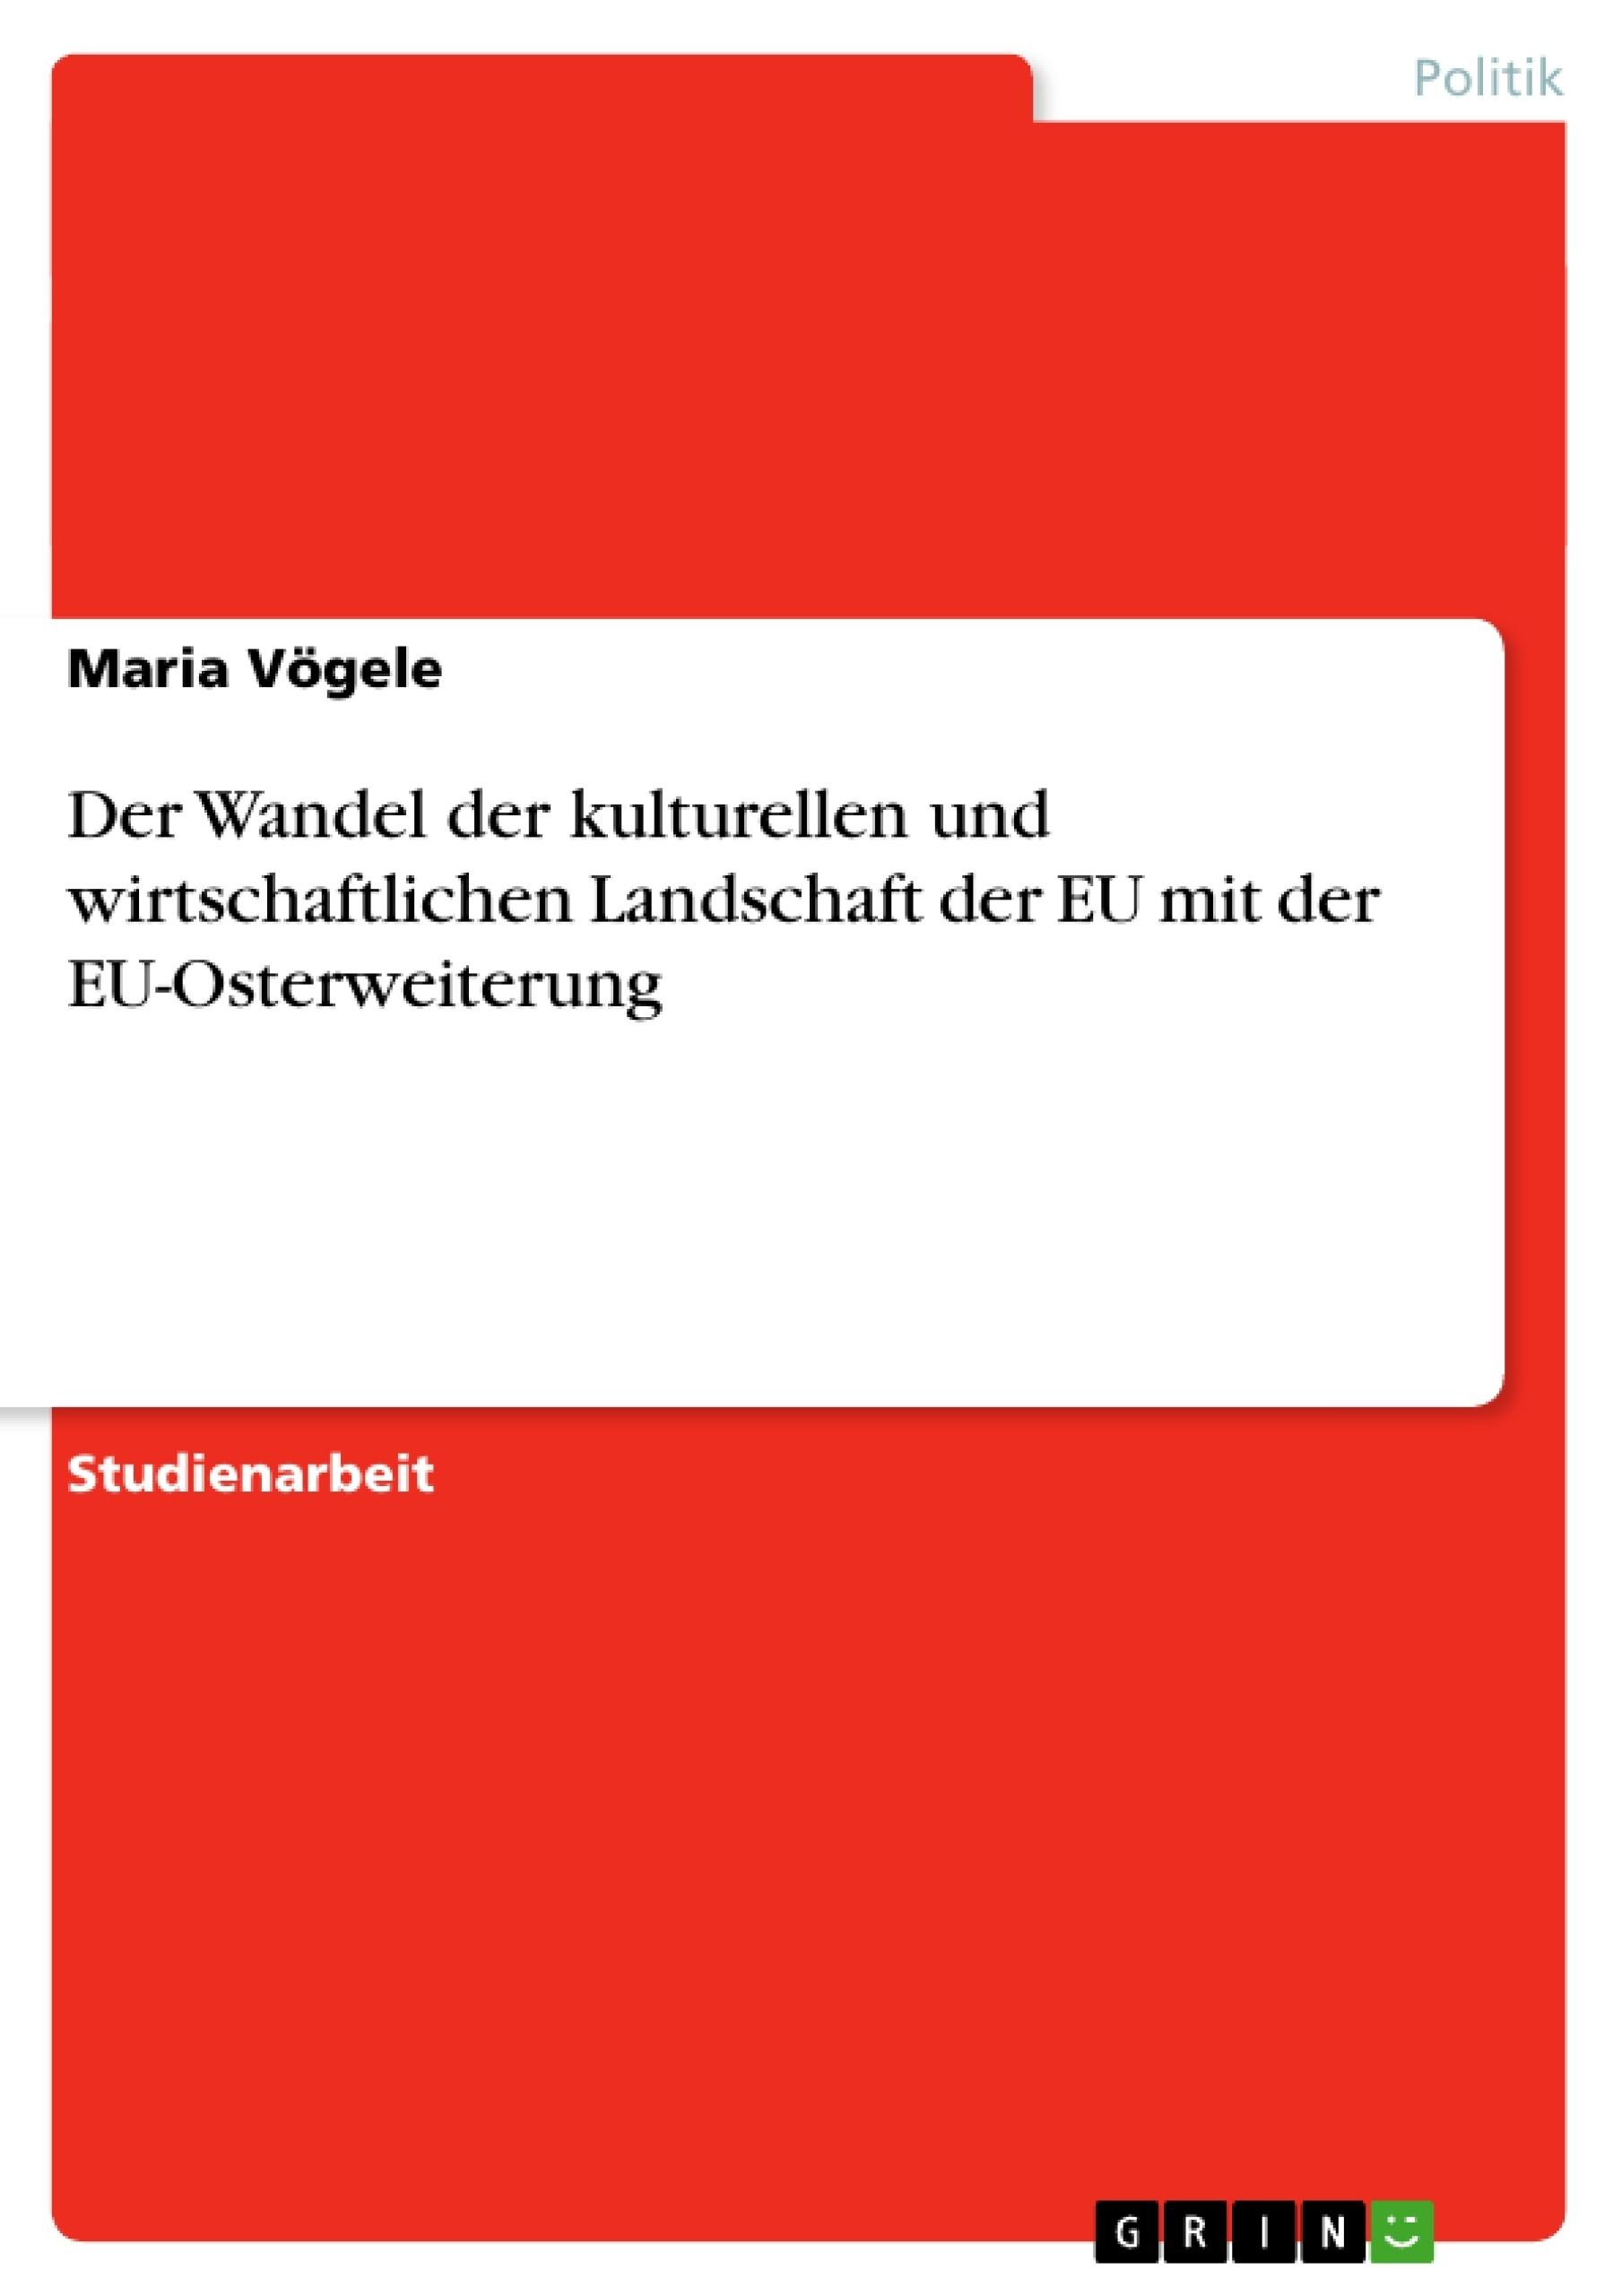 Titel: Der Wandel der kulturellen und wirtschaftlichen Landschaft der EU mit der EU-Osterweiterung